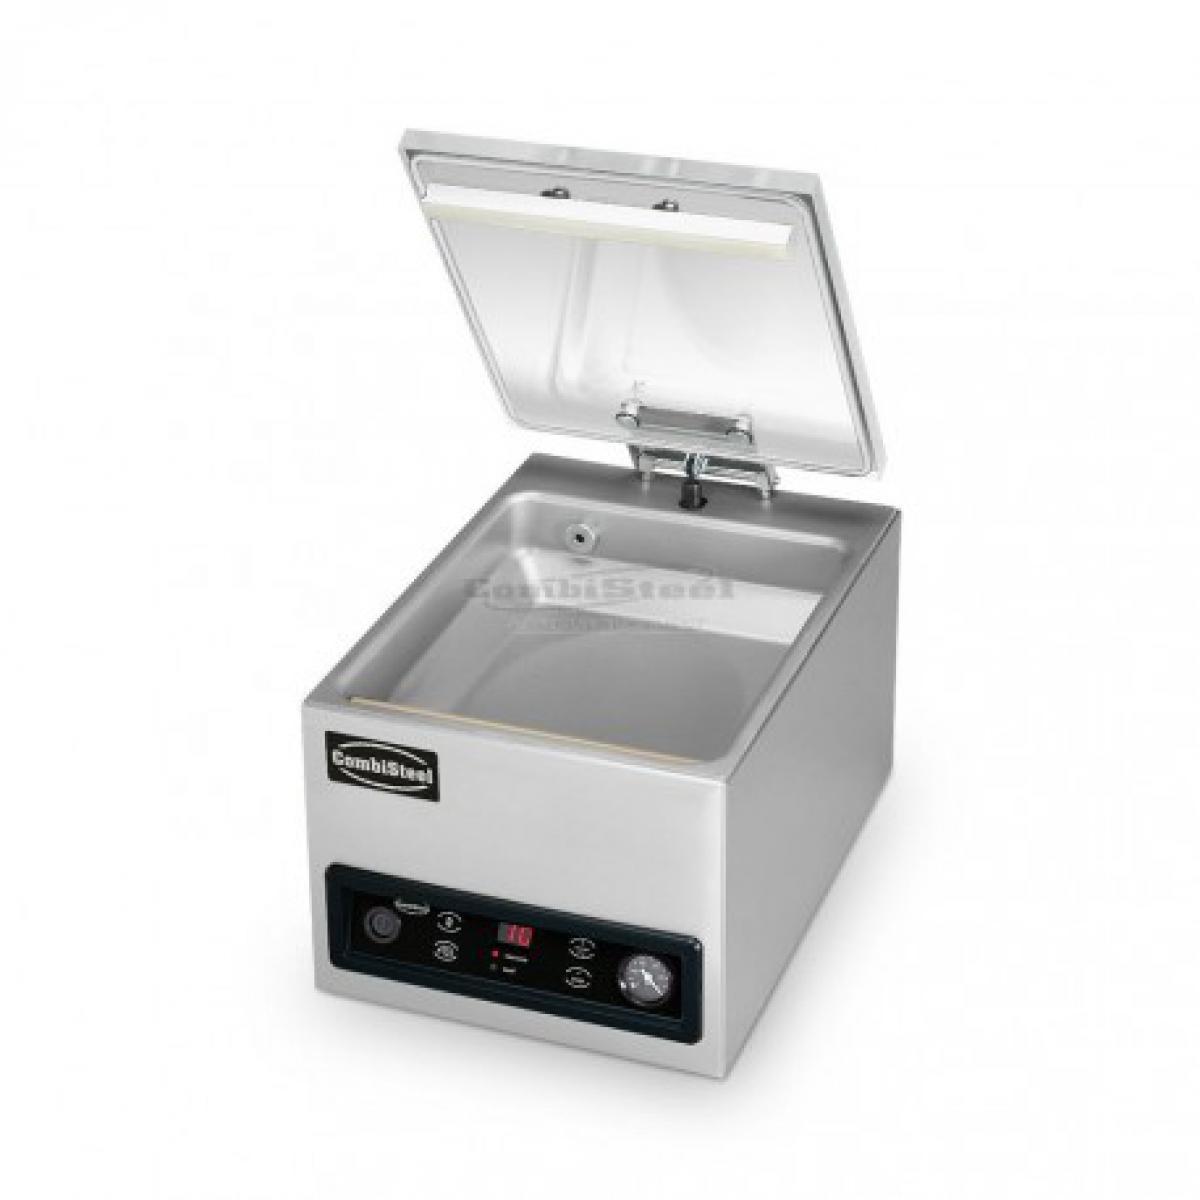 Combisteel Machine sous vide inox 280 mm à poser - Combisteel -